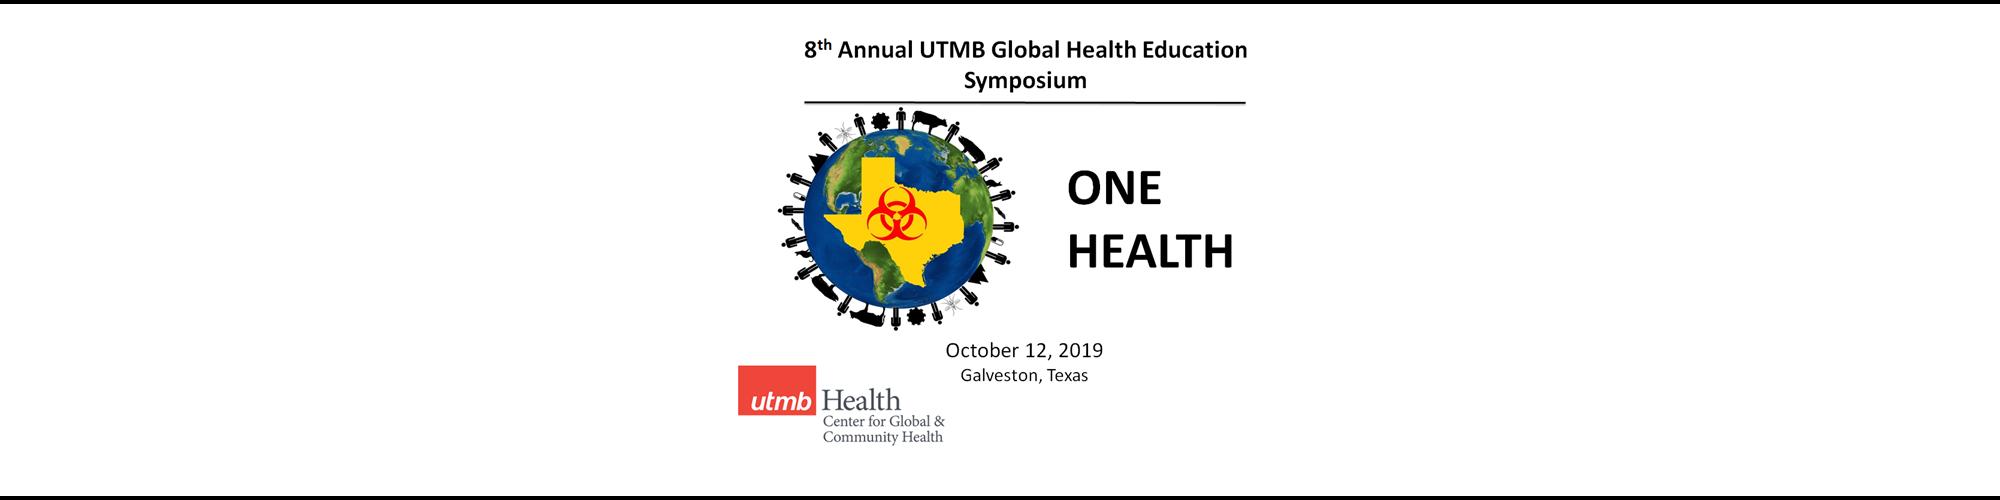 8th Annual Symposium 2019